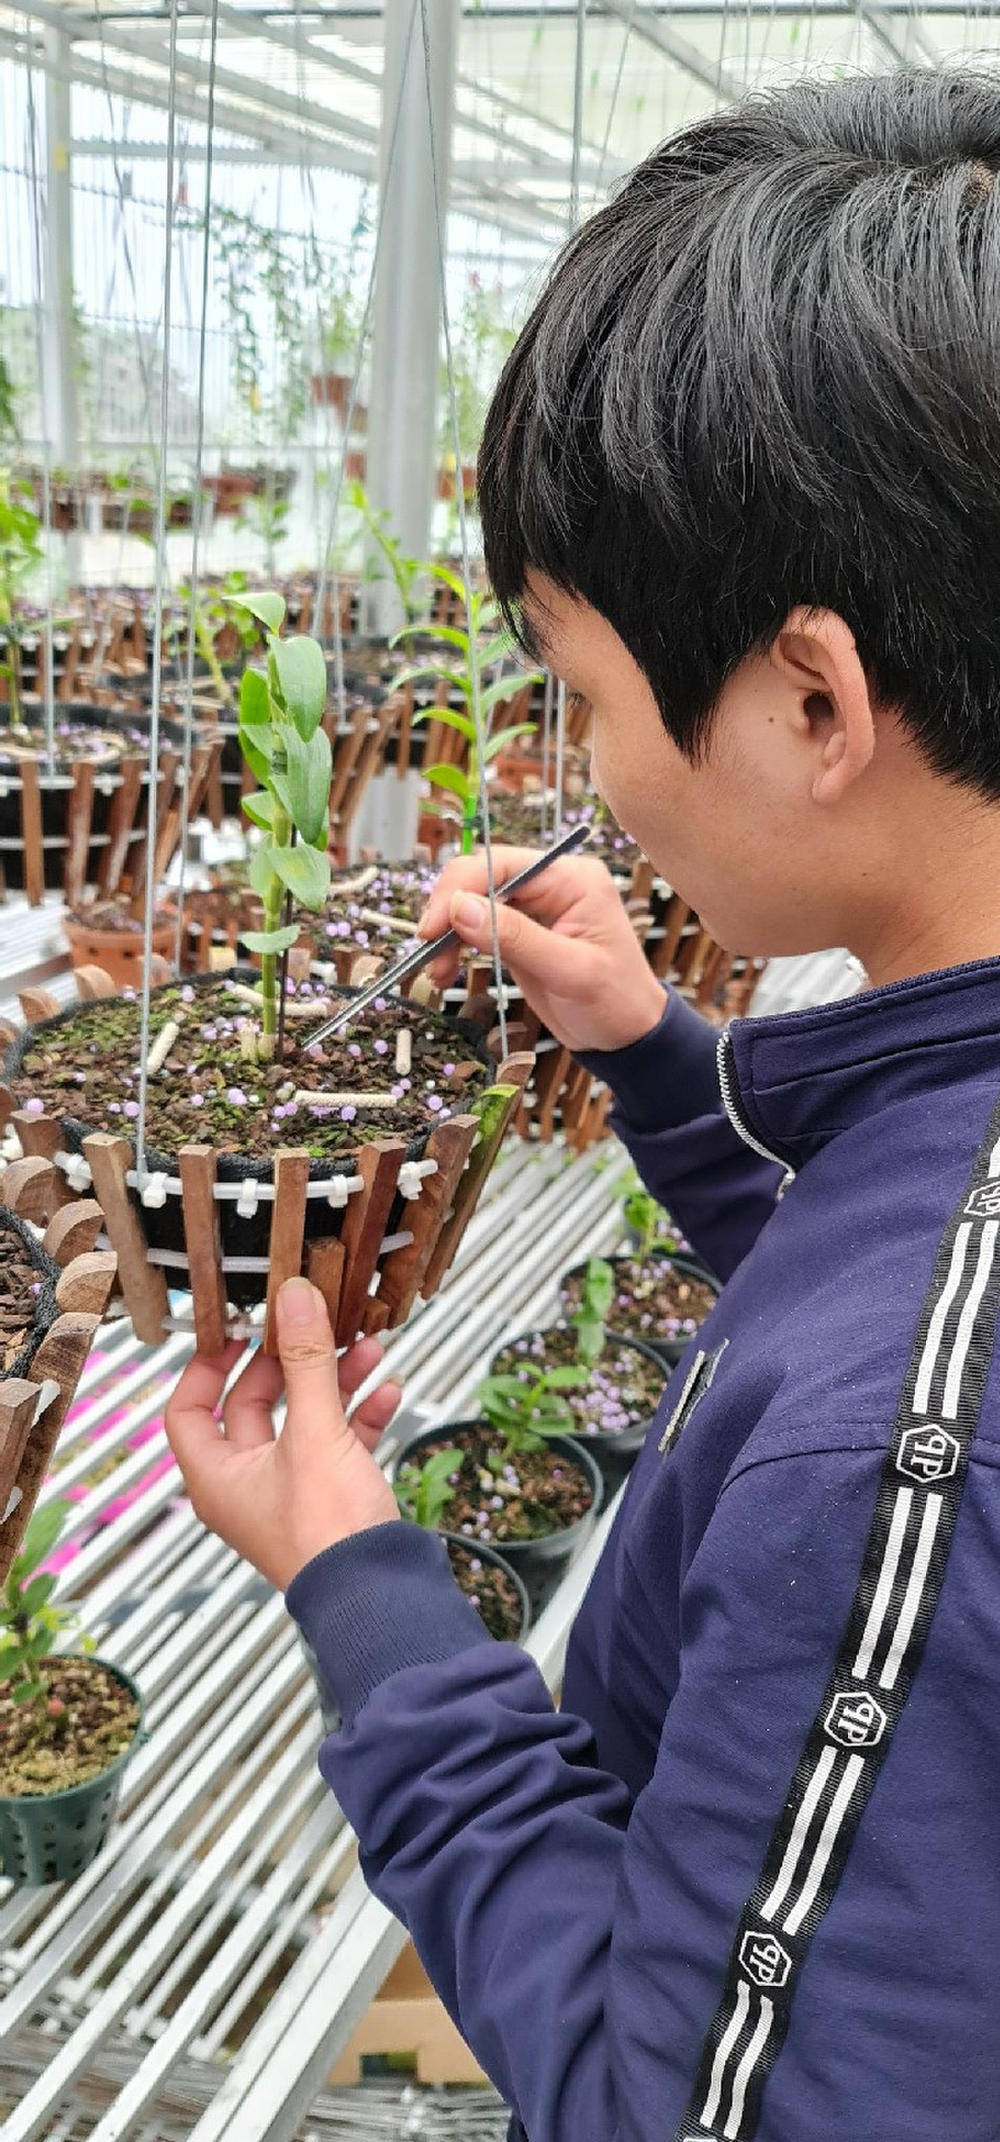 9X Nguyễn Văn Tùng 'chơi lan để thỏa niềm đam mê' Ảnh 2